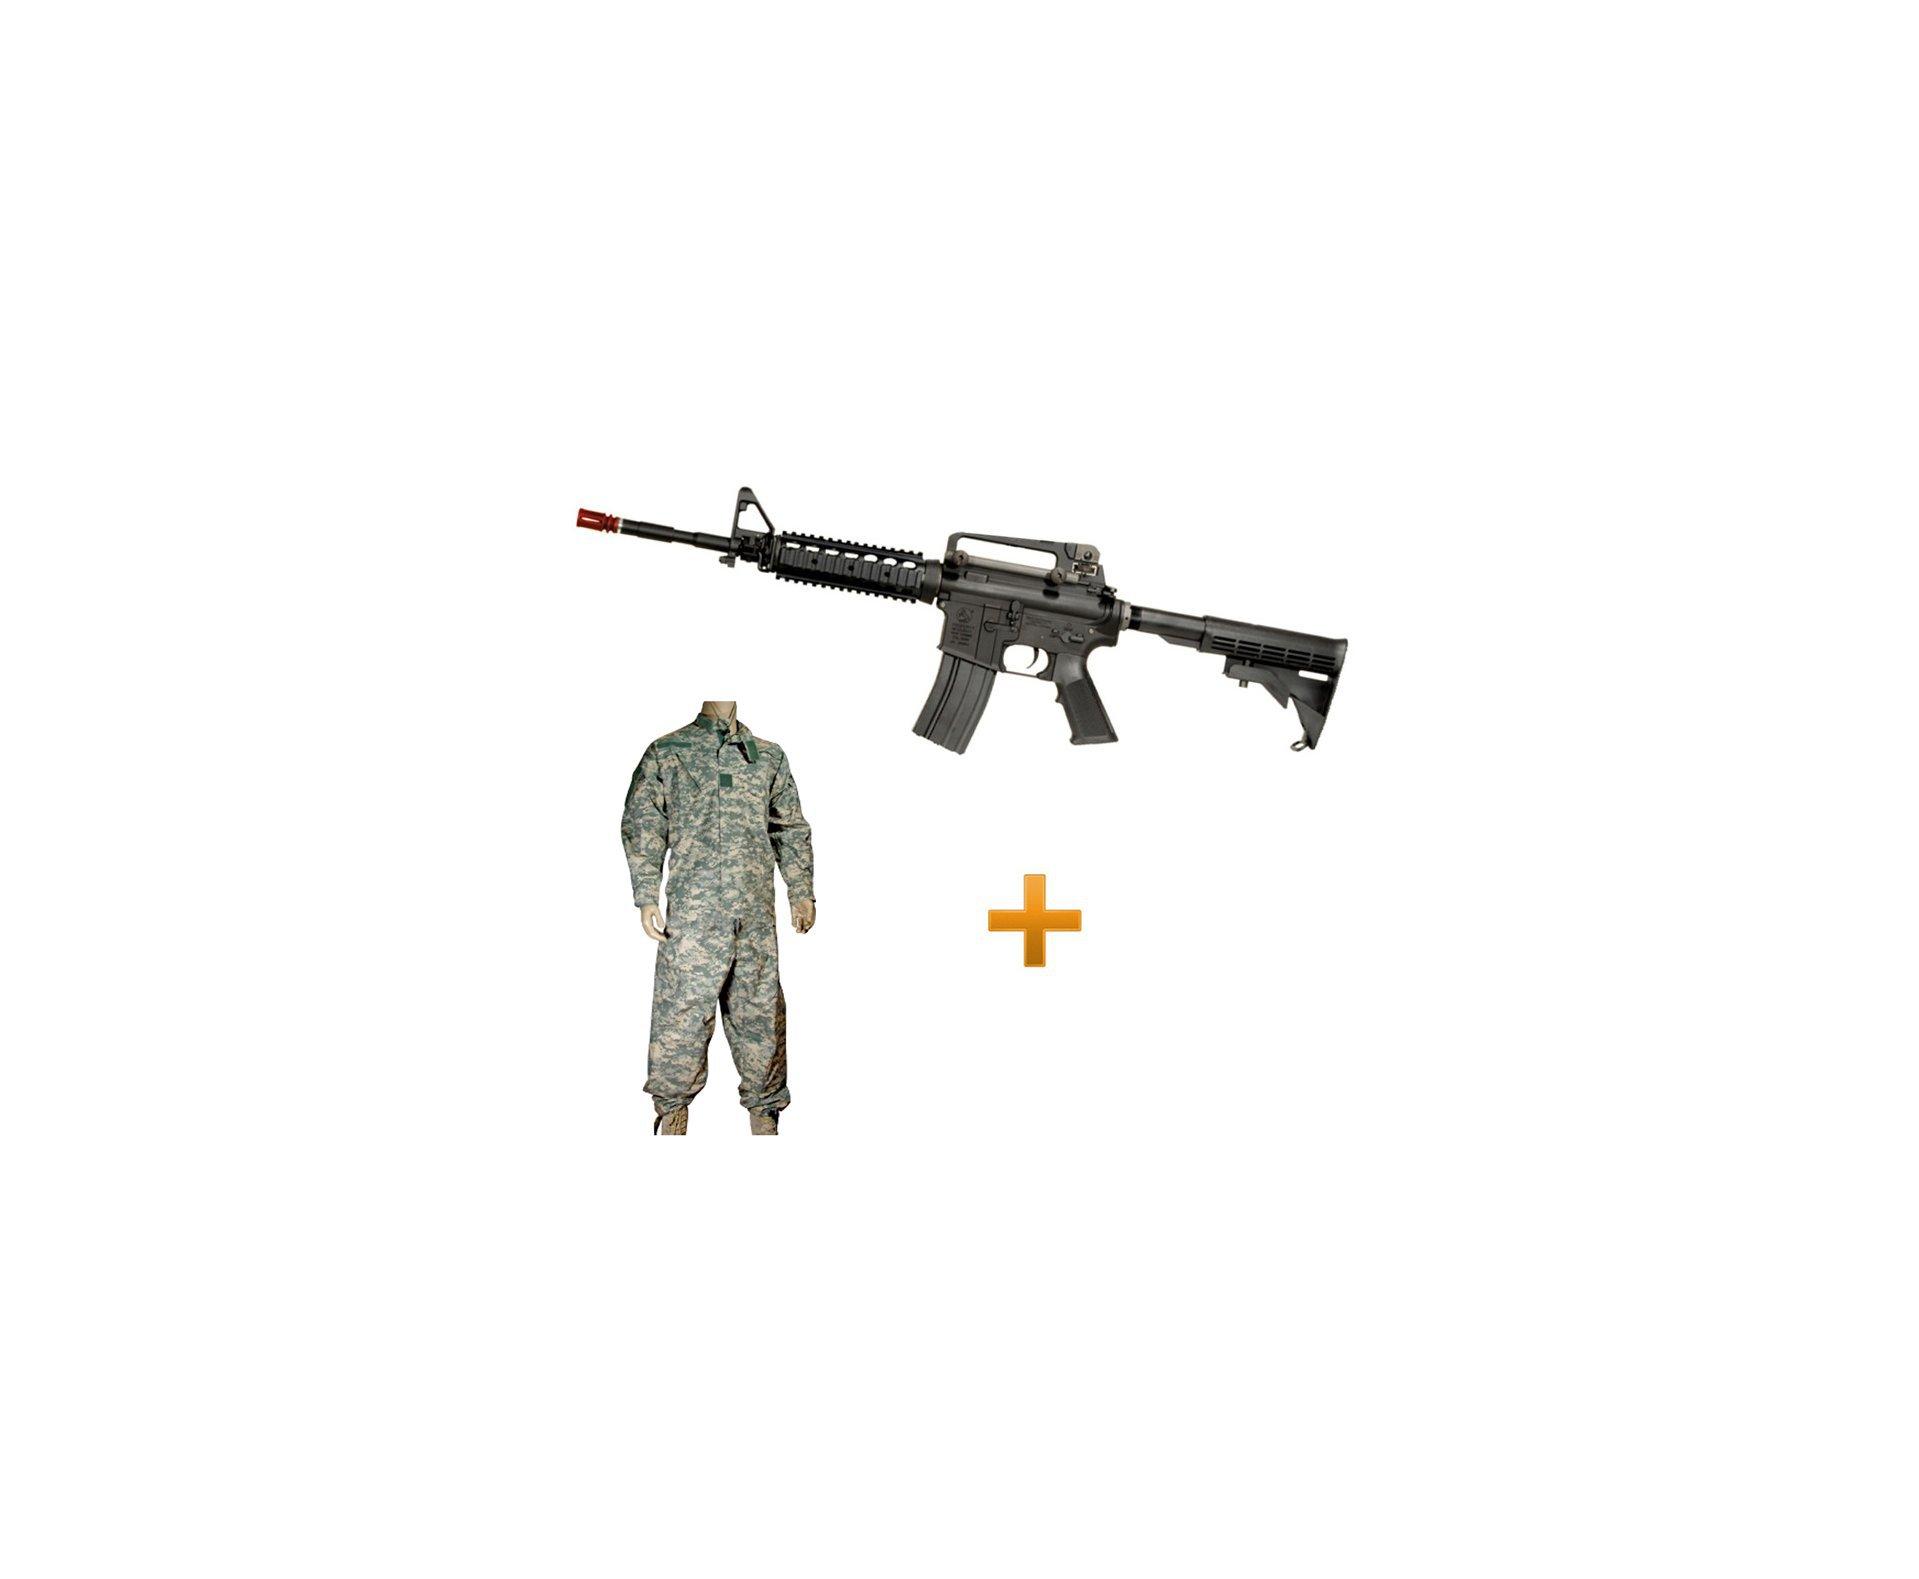 Rifle De Airsoft Colt M4a1ris Cal 6,0 Mm - King Arms + Farda Acu Digital Urban Swiss+arms - Tamanho Gg